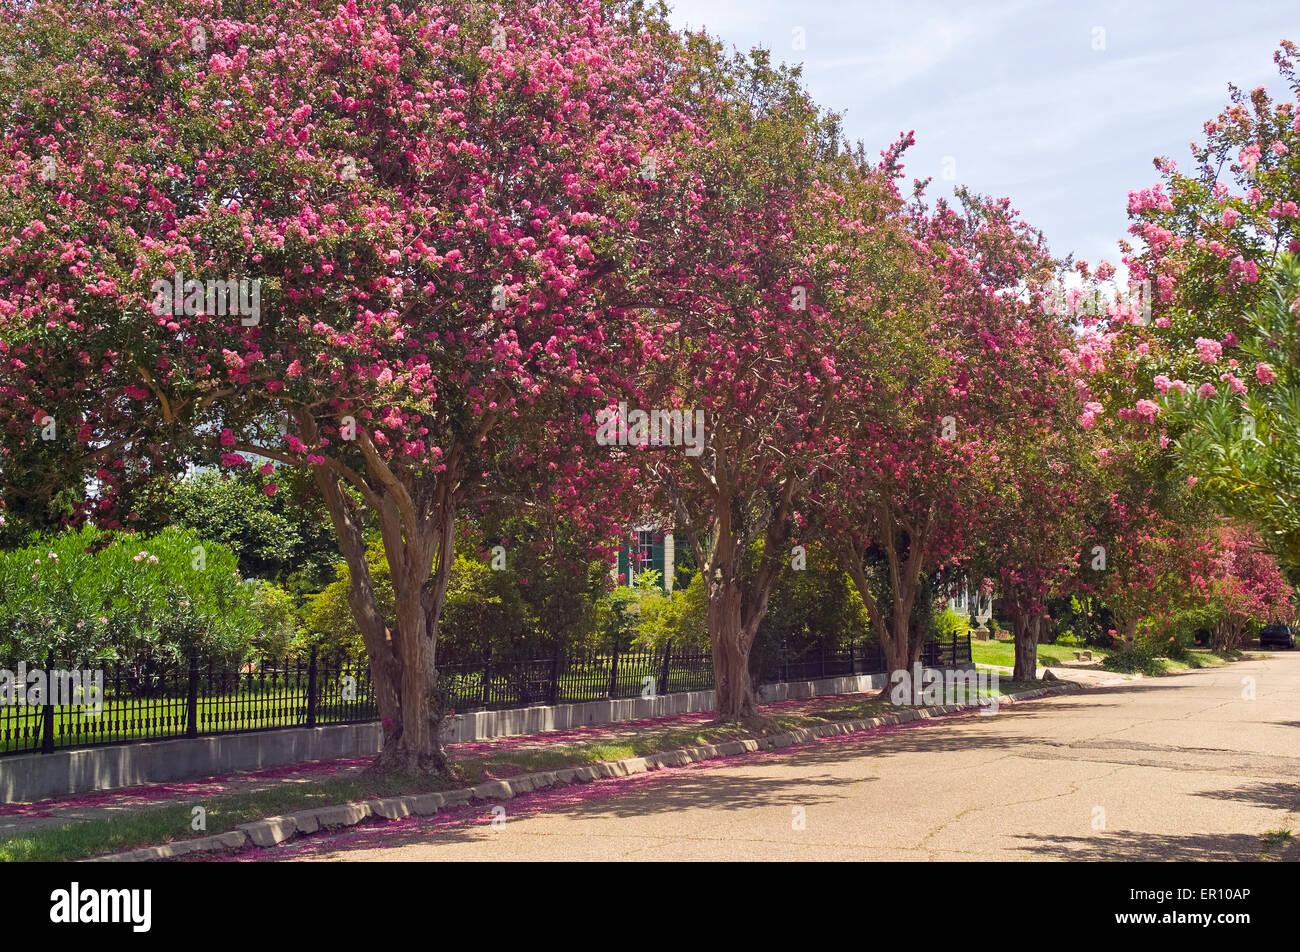 Trauerflormyrte Blütenbäumen bringen leuchtende rosa Farben, einer ruhigen Wohnstraße im historischen Stockbild